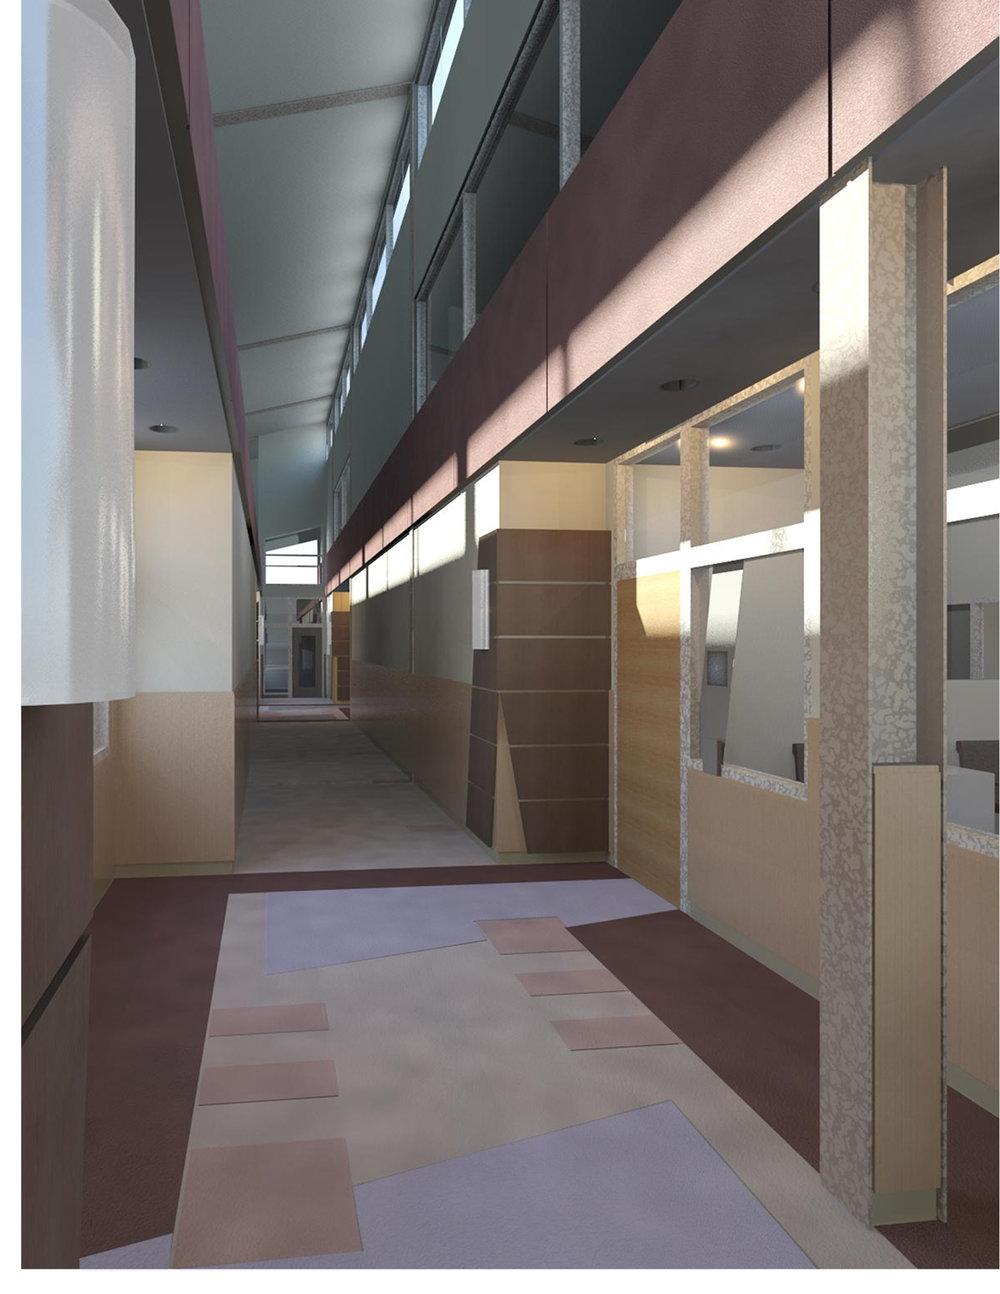 Corridor rendering.jpg